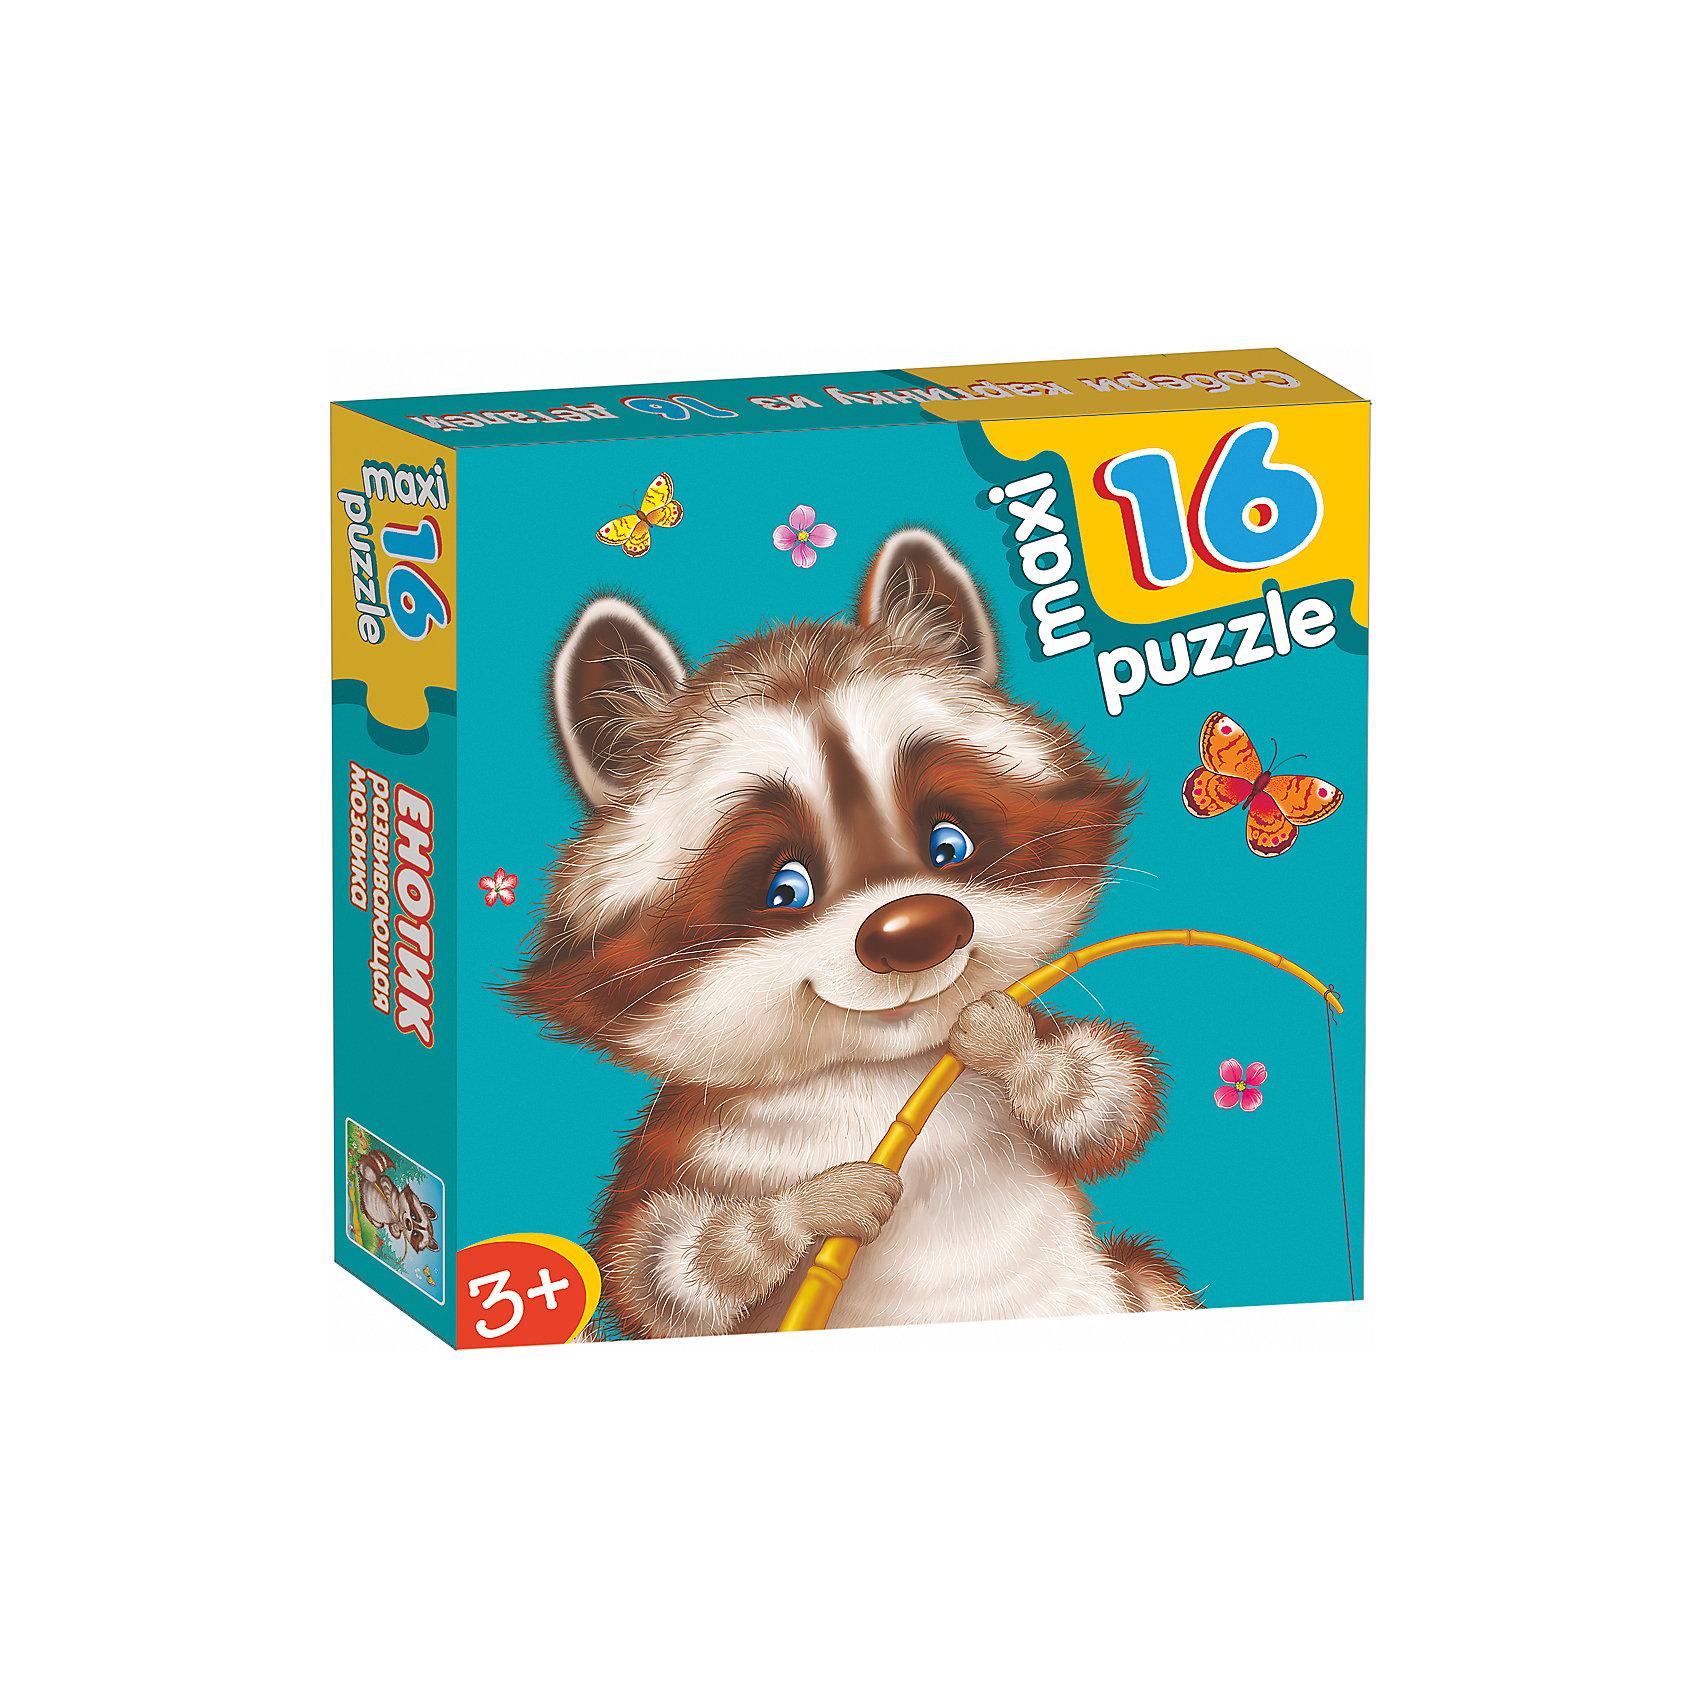 Развивающая мозаика Енотик, Дрофа-МедиаХарактеристики развивающей мозаики Енотик:<br><br>- возраст: от 3 лет<br>- пол: для мальчиков и девочек<br>- количество деталей: 16.<br>- материал: картон.<br>- размер упаковки: 16.5 * 16.5 * 3 см.<br>- размер игрушки: 31 * 33 см.<br>- упаковка: картонная коробка.<br>- бренд: Дрофа-Медиа<br>- страна обладатель бренда: Россия.<br><br>Развивающая мозаика Енотик - макси-пазл для самых маленьких. Чтобы собрать картинку целиком, малышу нужно правильно подбирать элементы пазла. Когда все деталь мозаики соединятся между собой, получится красивое изображение енотика. Макси-пазлы направлены на развитие внимательности, усидчивости и памяти у малышей. Ребенок научится самостоятельно складывать изображение из нескольких деталей, подбирая недостающий фрагмент изображения.<br><br>Развивающую мозаику Енотик издательства Дрофа-Медиа можно купить в нашем интернет-магазине.<br><br>Ширина мм: 165<br>Глубина мм: 30<br>Высота мм: 165<br>Вес г: 170<br>Возраст от месяцев: 36<br>Возраст до месяцев: 2147483647<br>Пол: Унисекс<br>Возраст: Детский<br>SKU: 5386295